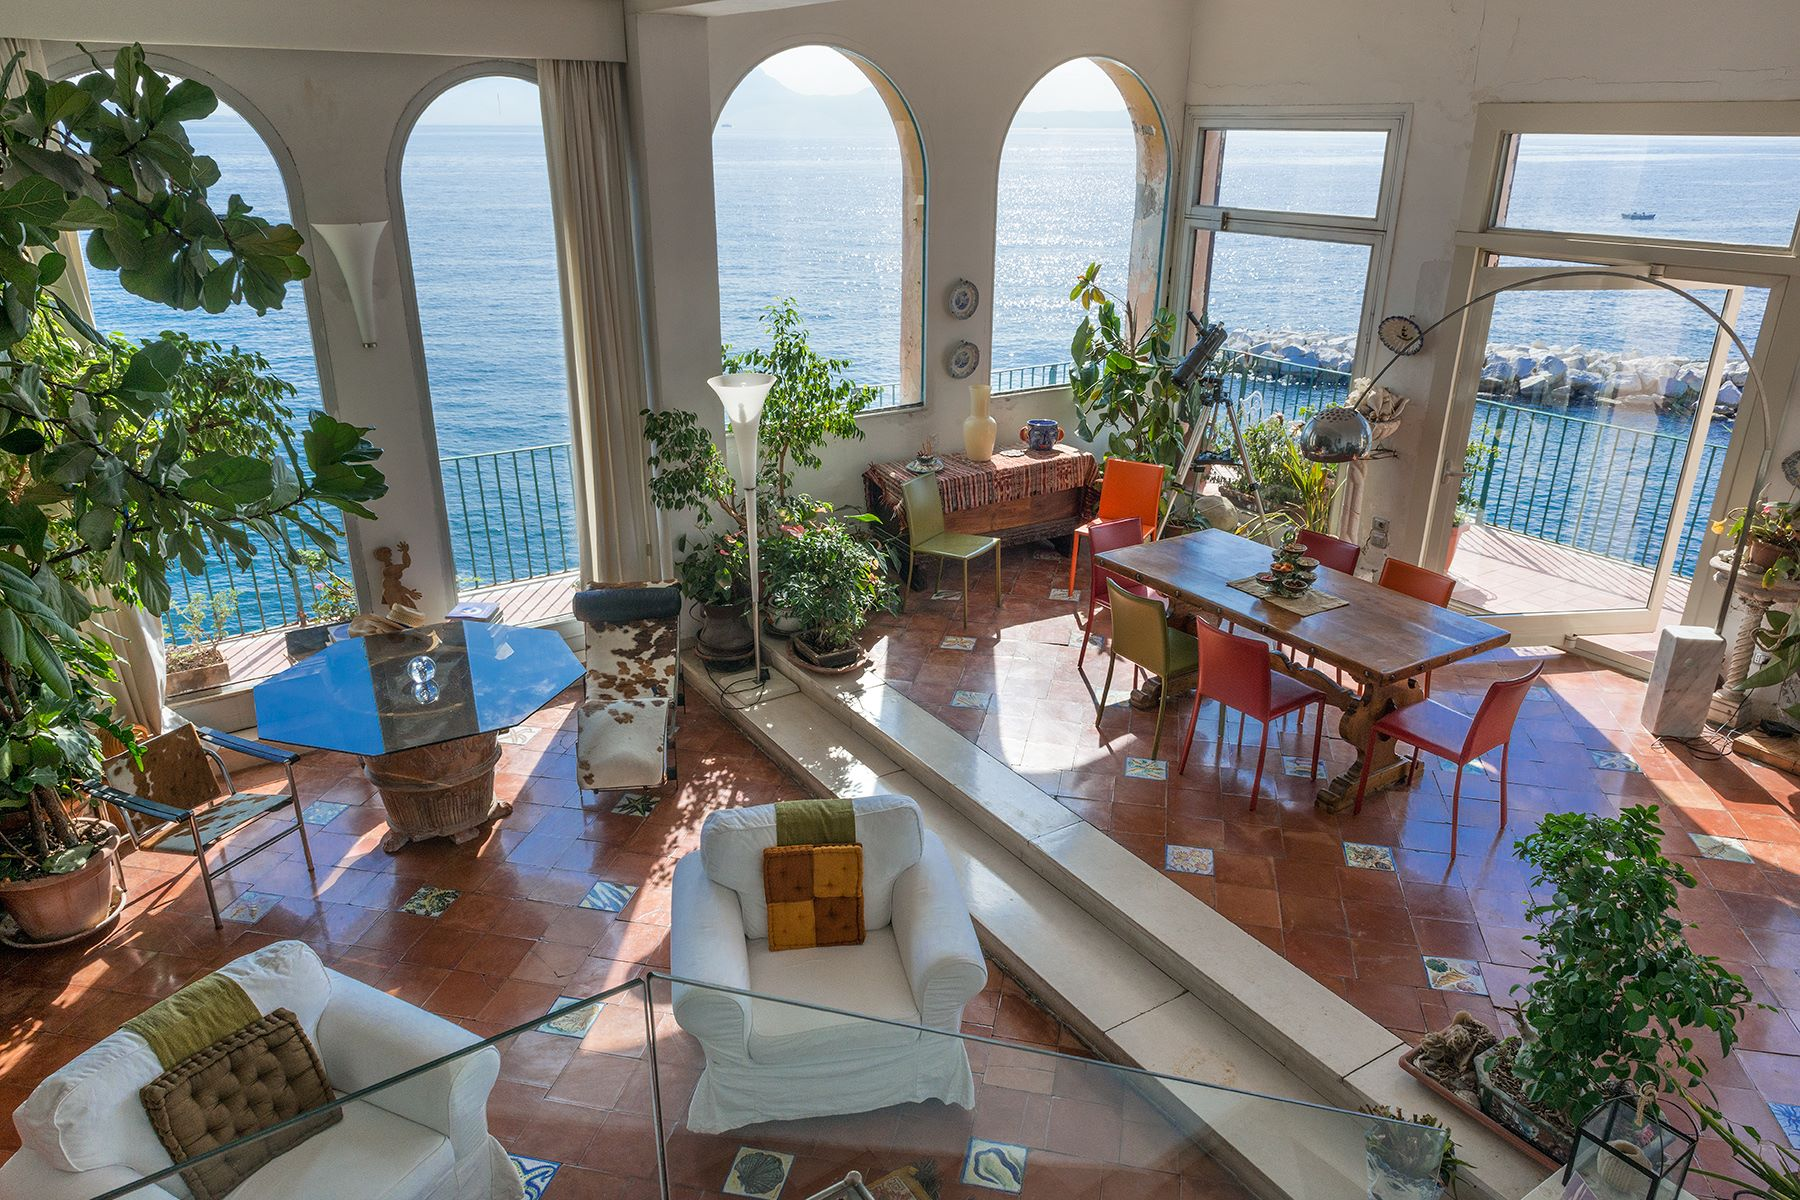 Appartamento per Vendita alle ore Monumentale dimora sul mare Napoli, Napoli Italia